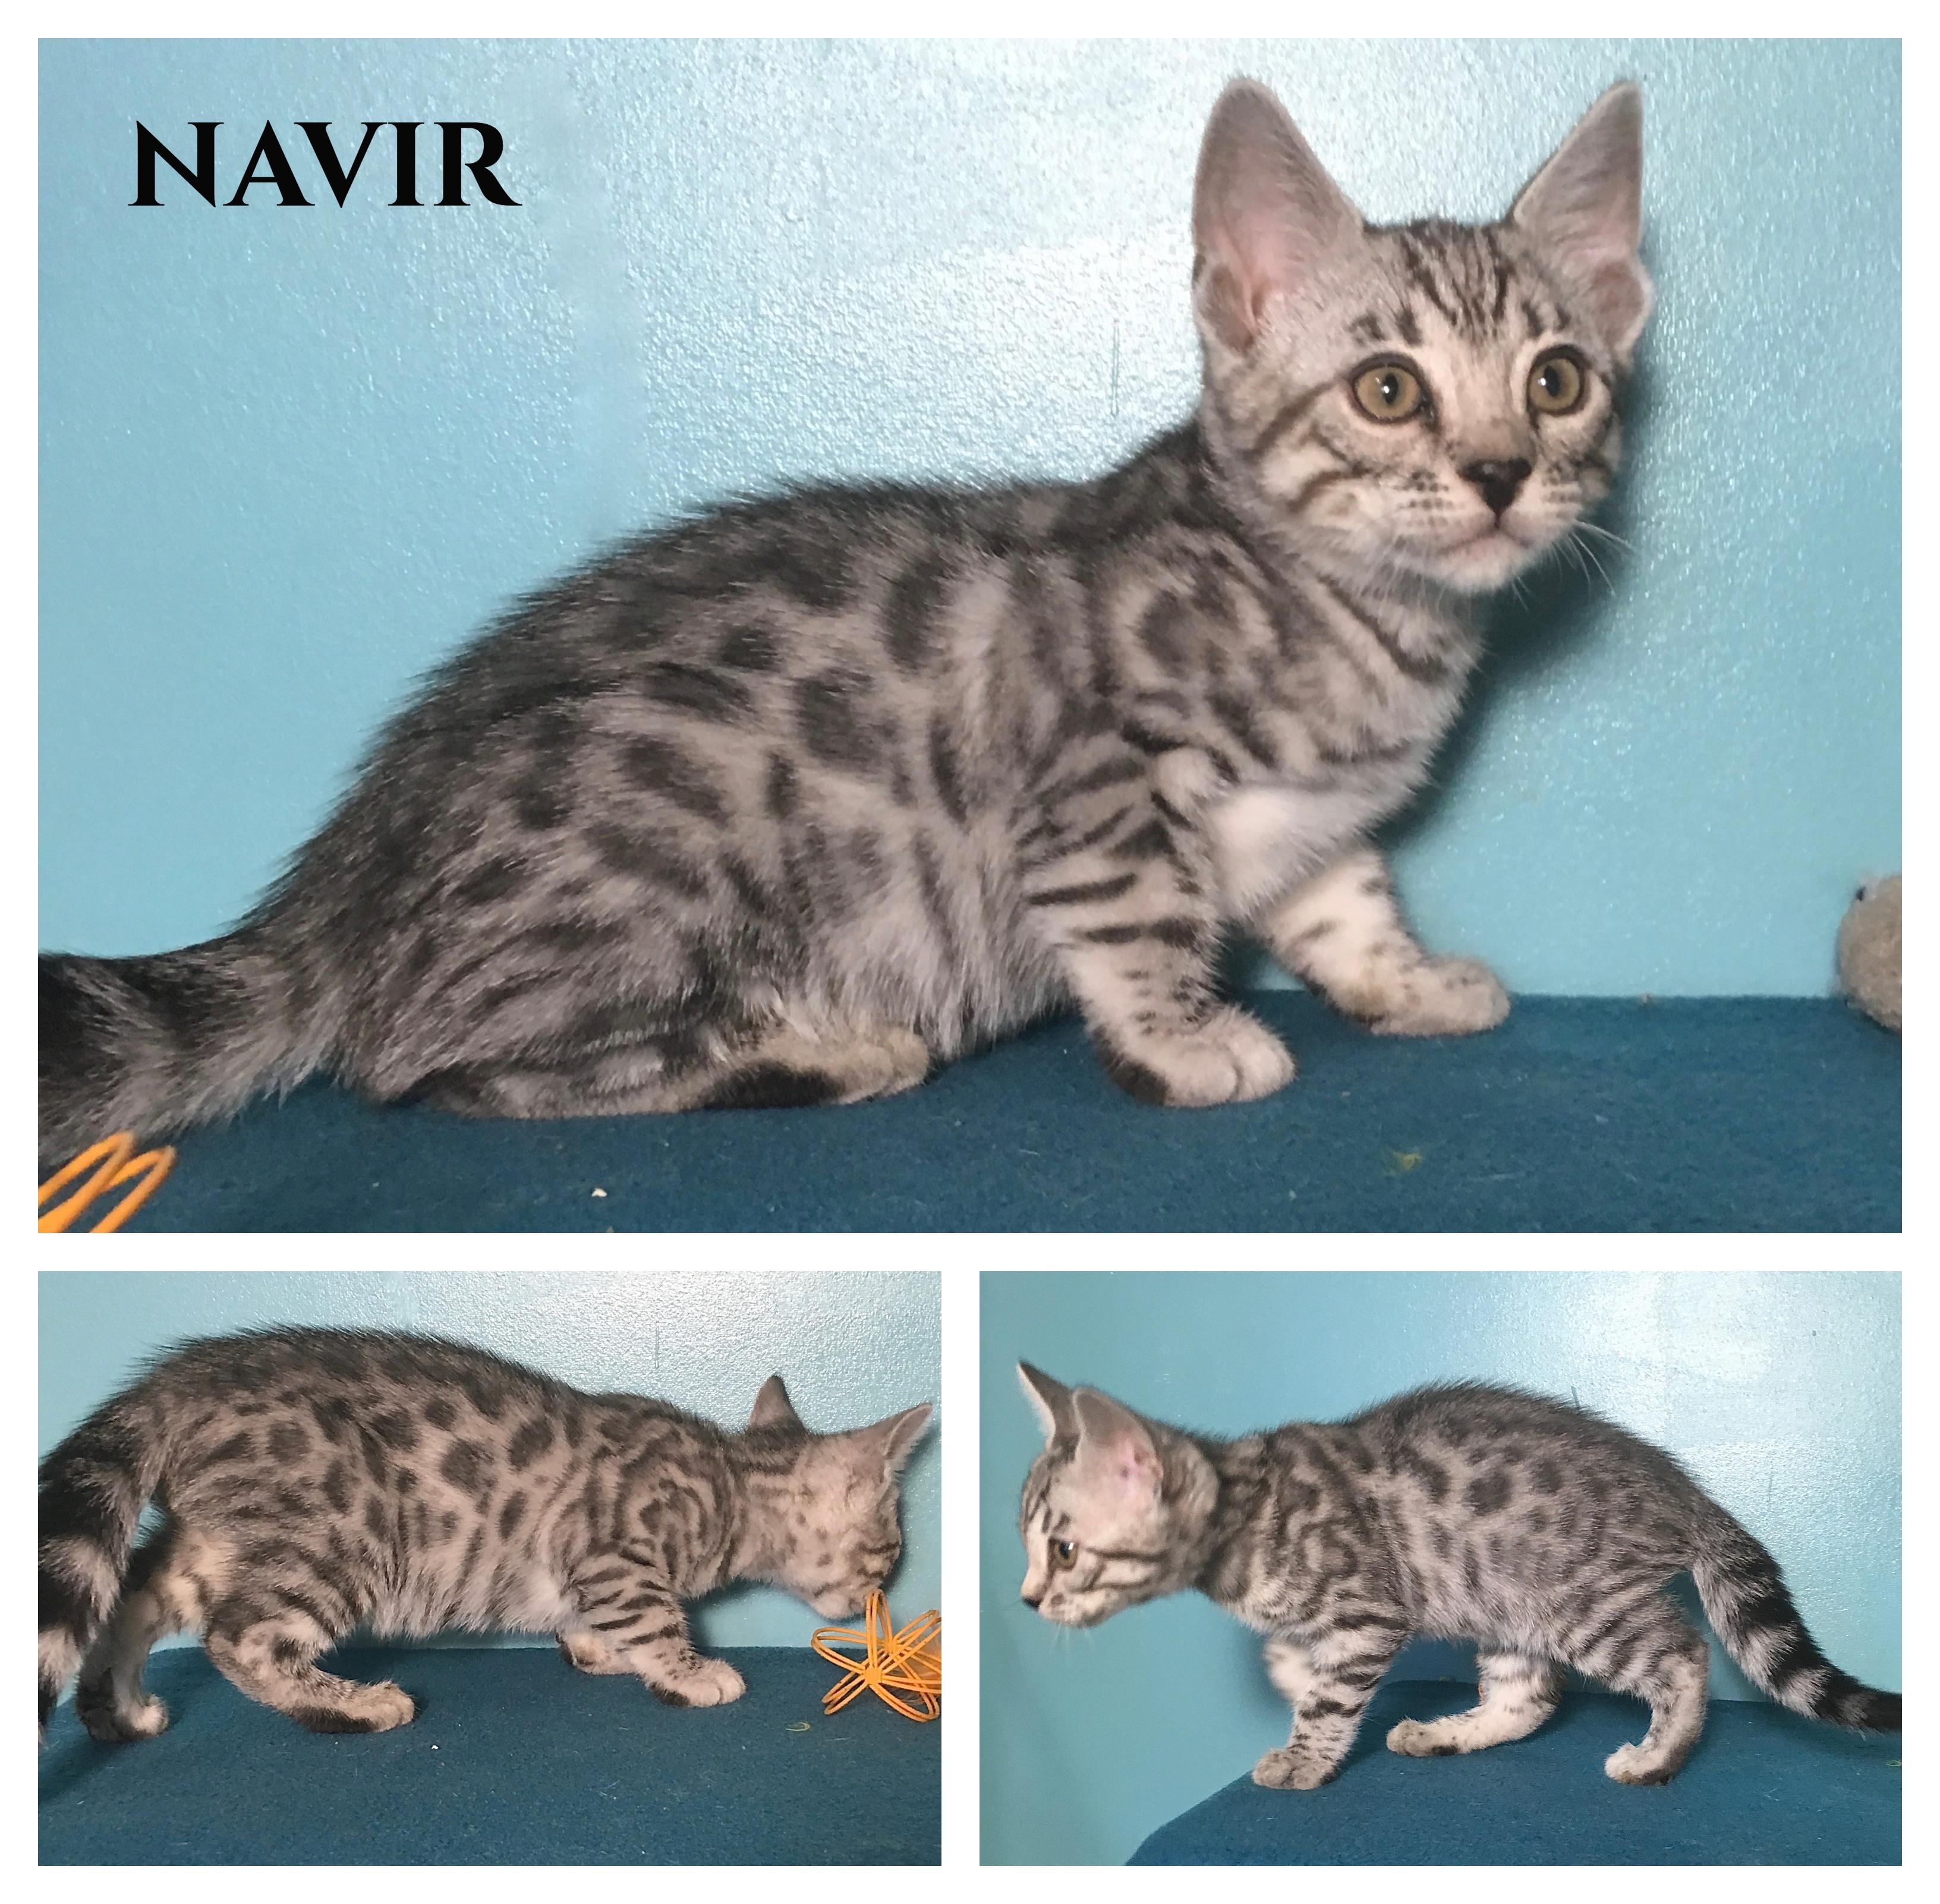 Navir 9 weeks